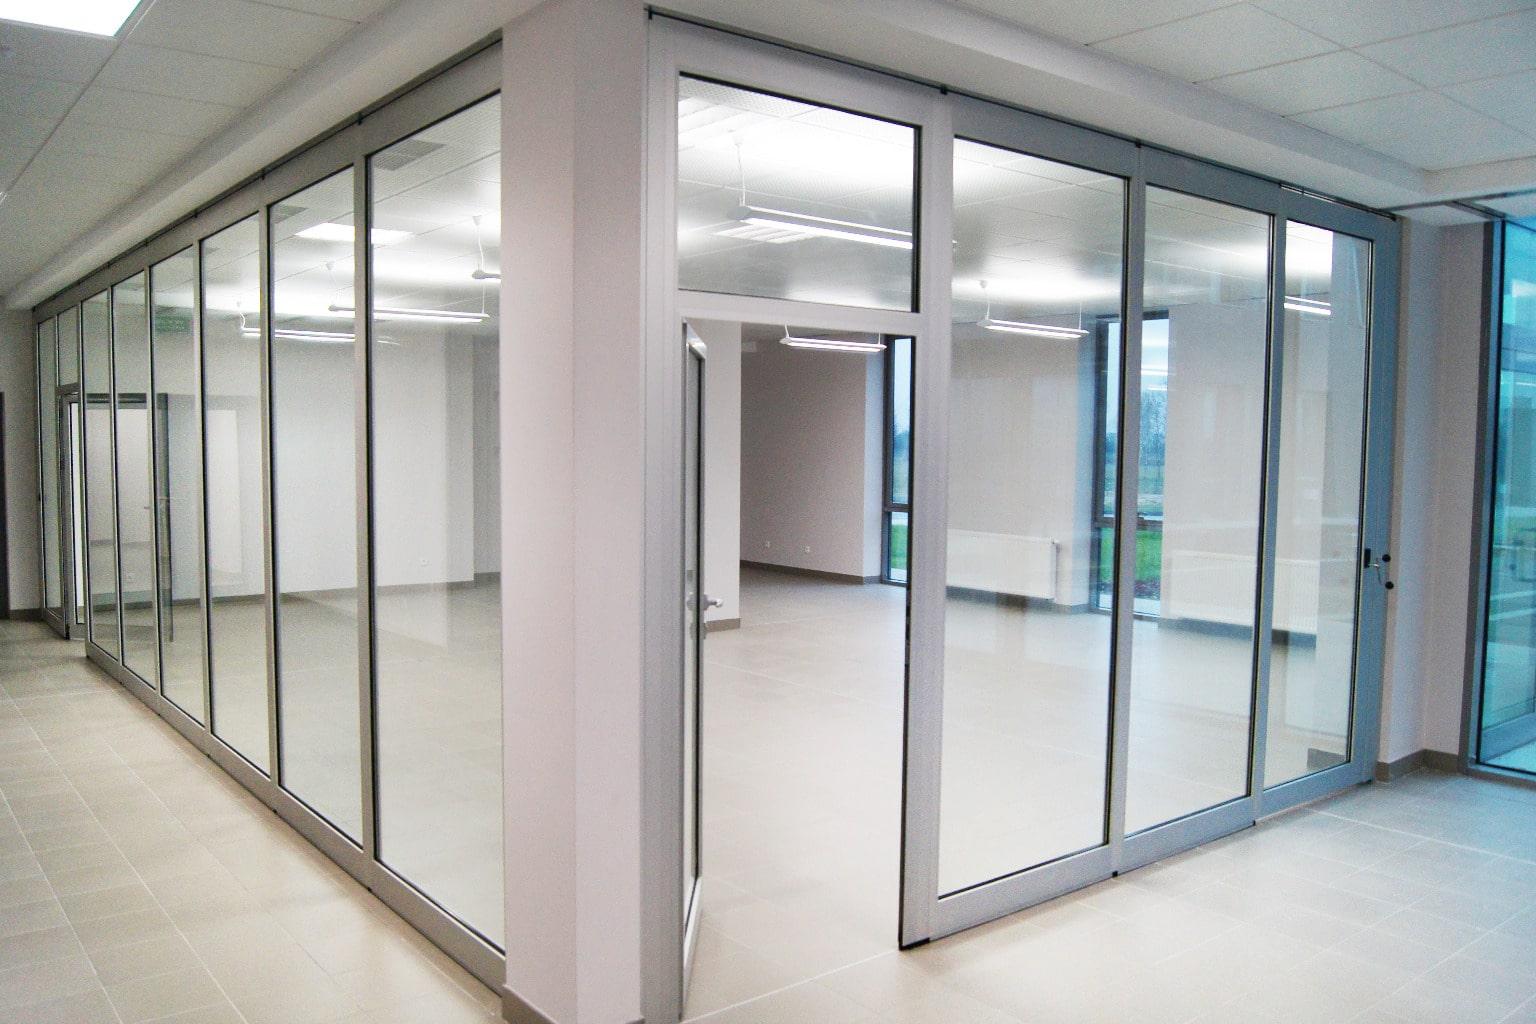 Ścianki szklane dźwiękoszczelne składane